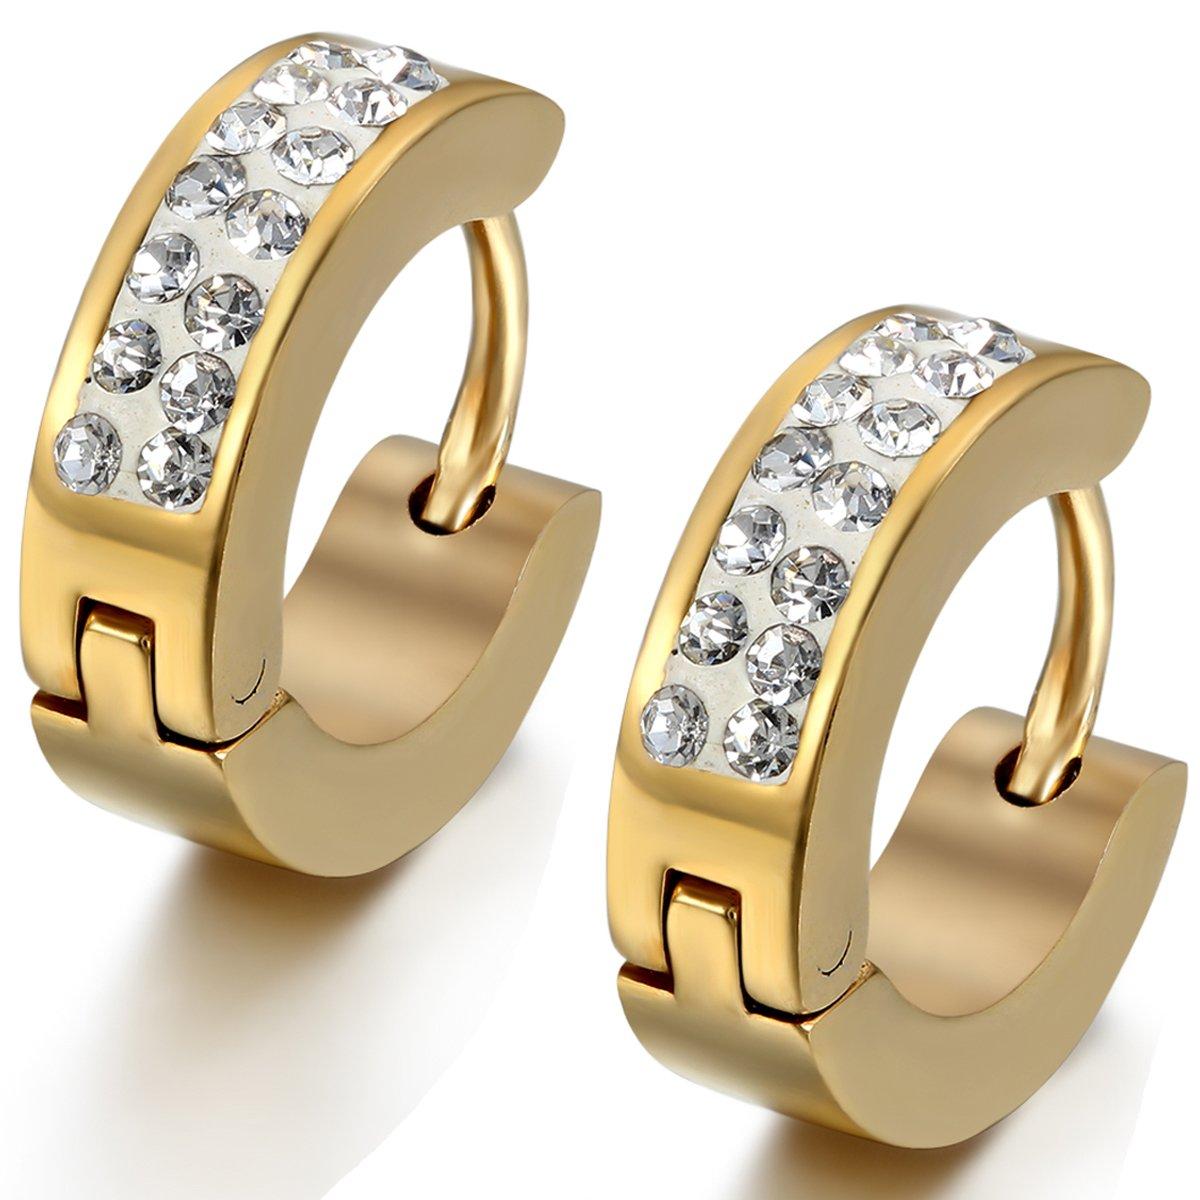 Flongo Men's Womens 4mm Wide Stainless Steel CZ Stud Hoop Huggie Earrings Charm Elegant FLG04421